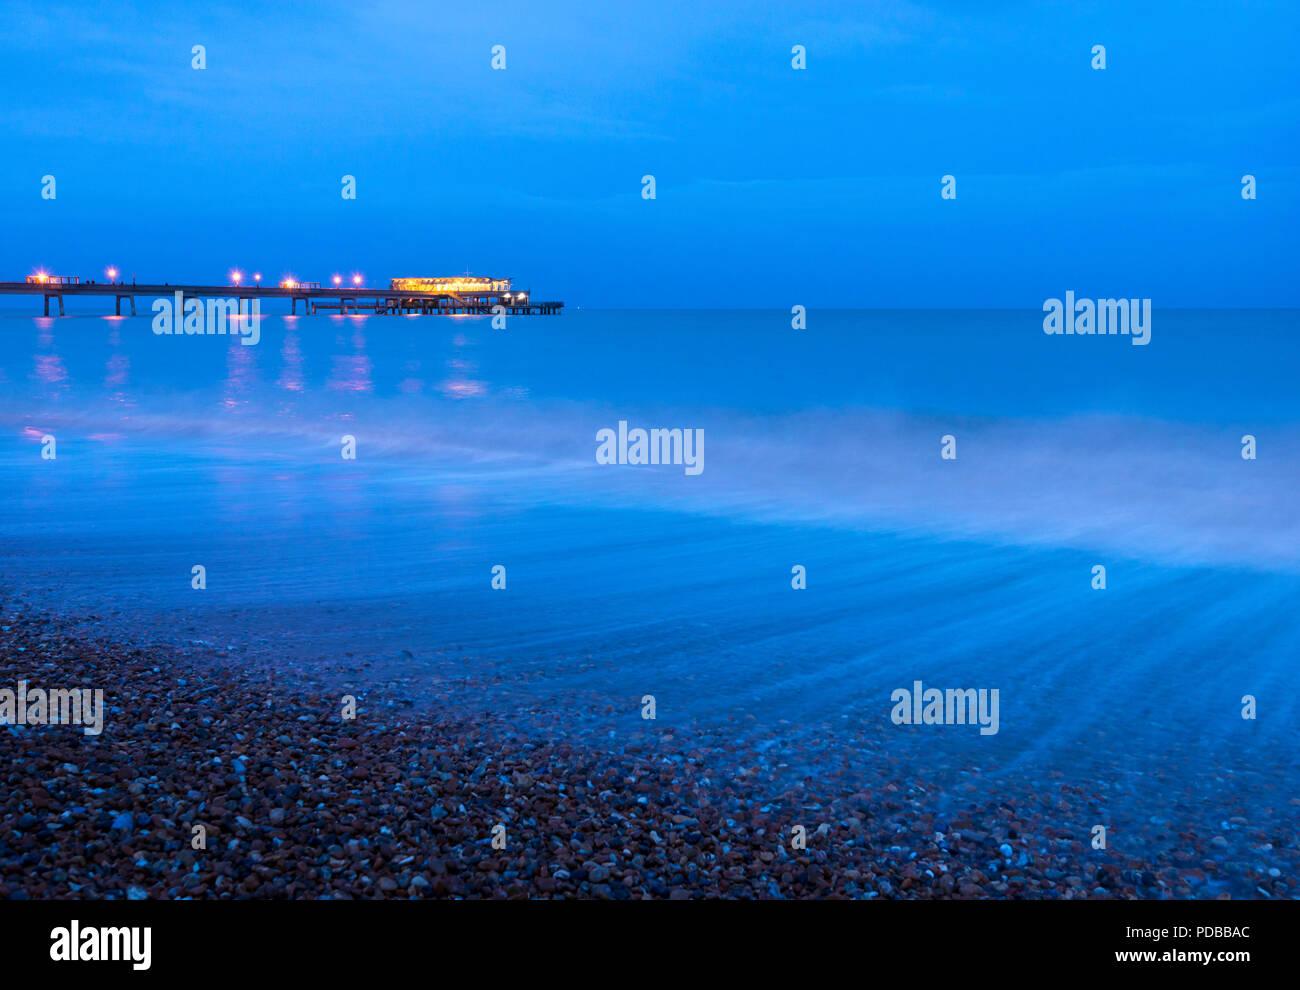 Onde che si infrangono lungo il lungomare di trattativa al tramonto con il Molo di trattativa illuminato in background. Immagini Stock